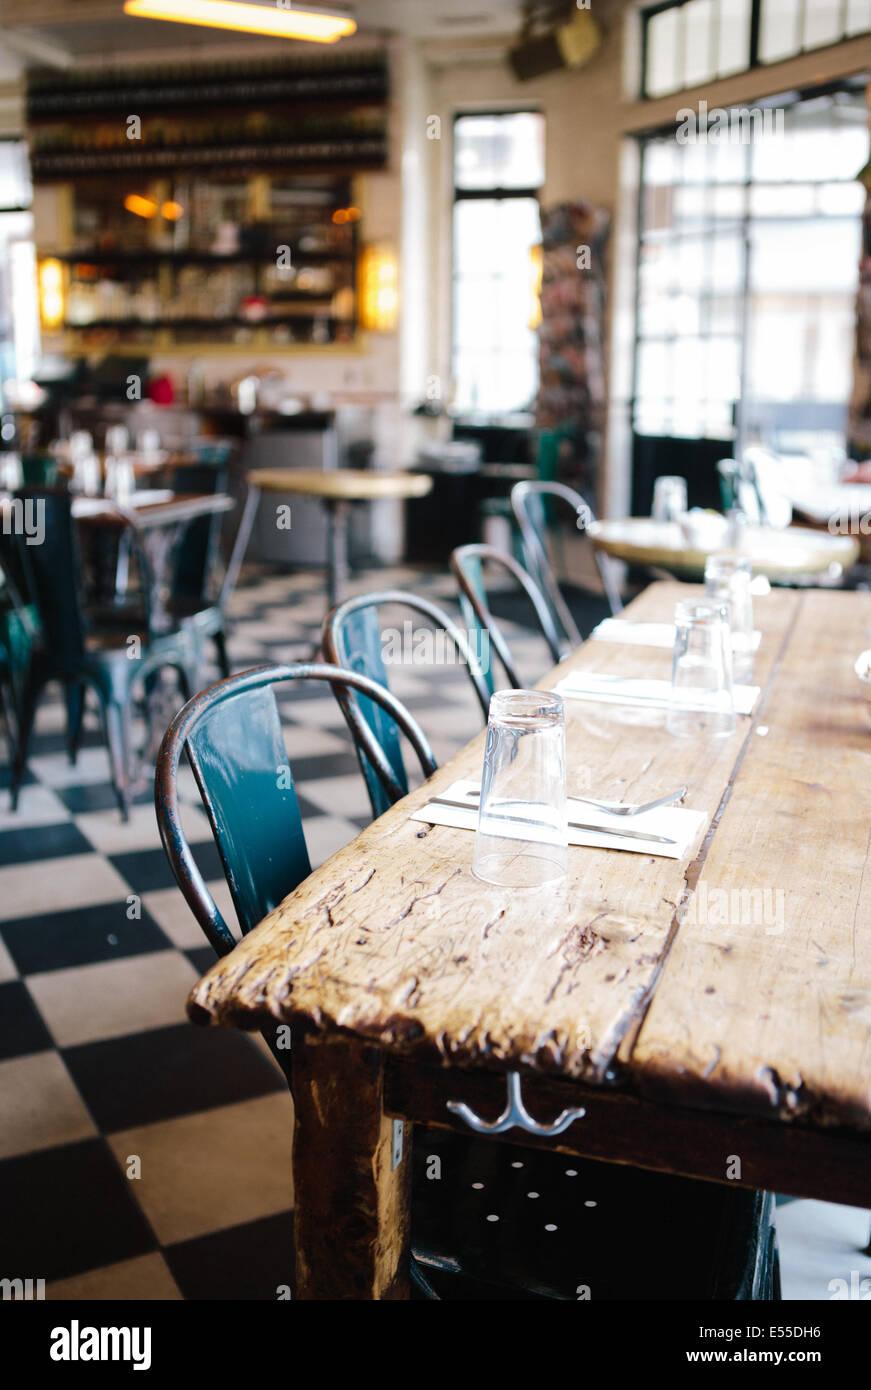 Tabla de comunidades con sillas de metal y accidentada en suelo industrial moderno restaurante. Imagen De Stock